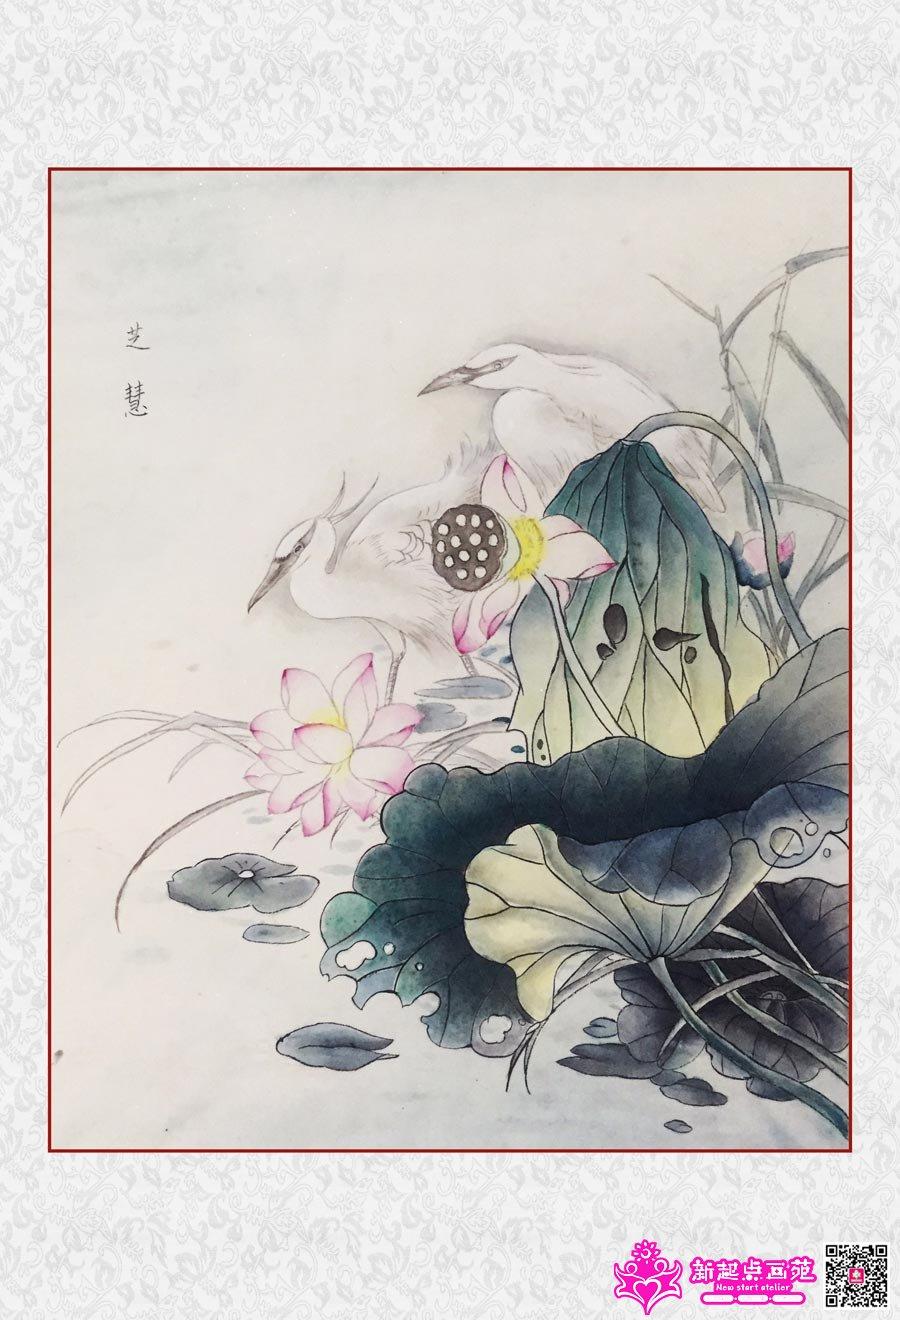 张芝慧-(完稿)2017年11月2日